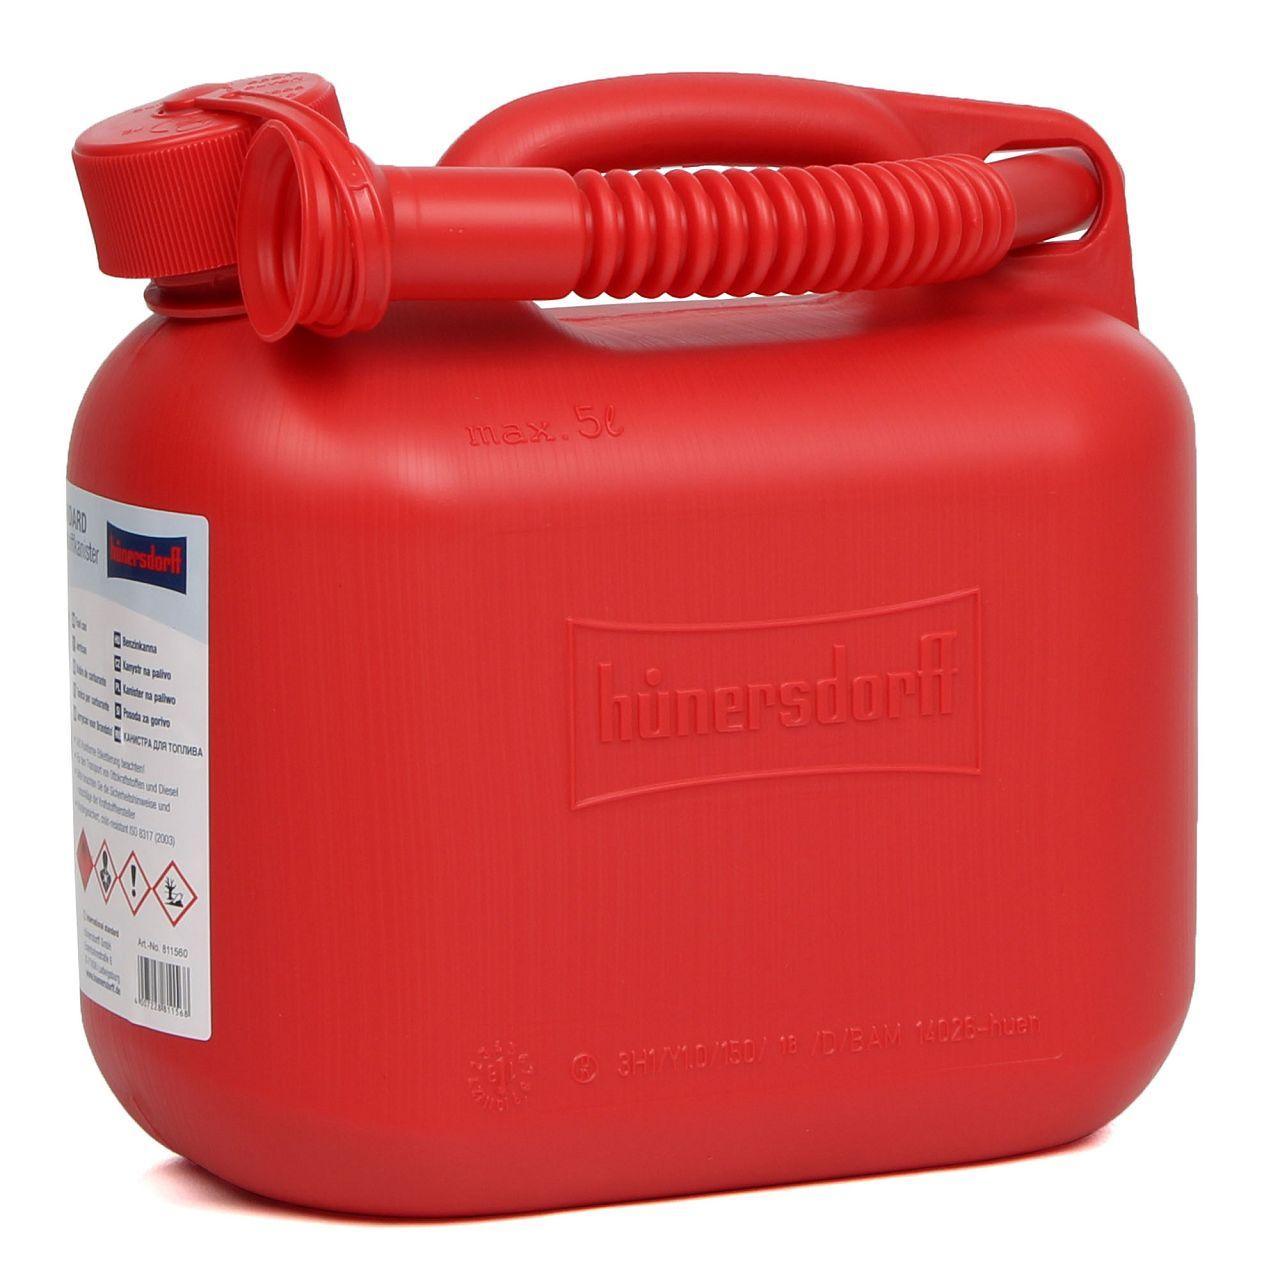 HÜNERSDORFF 811560 Kanister Benzinkanister Reservekanister 5 L Rot